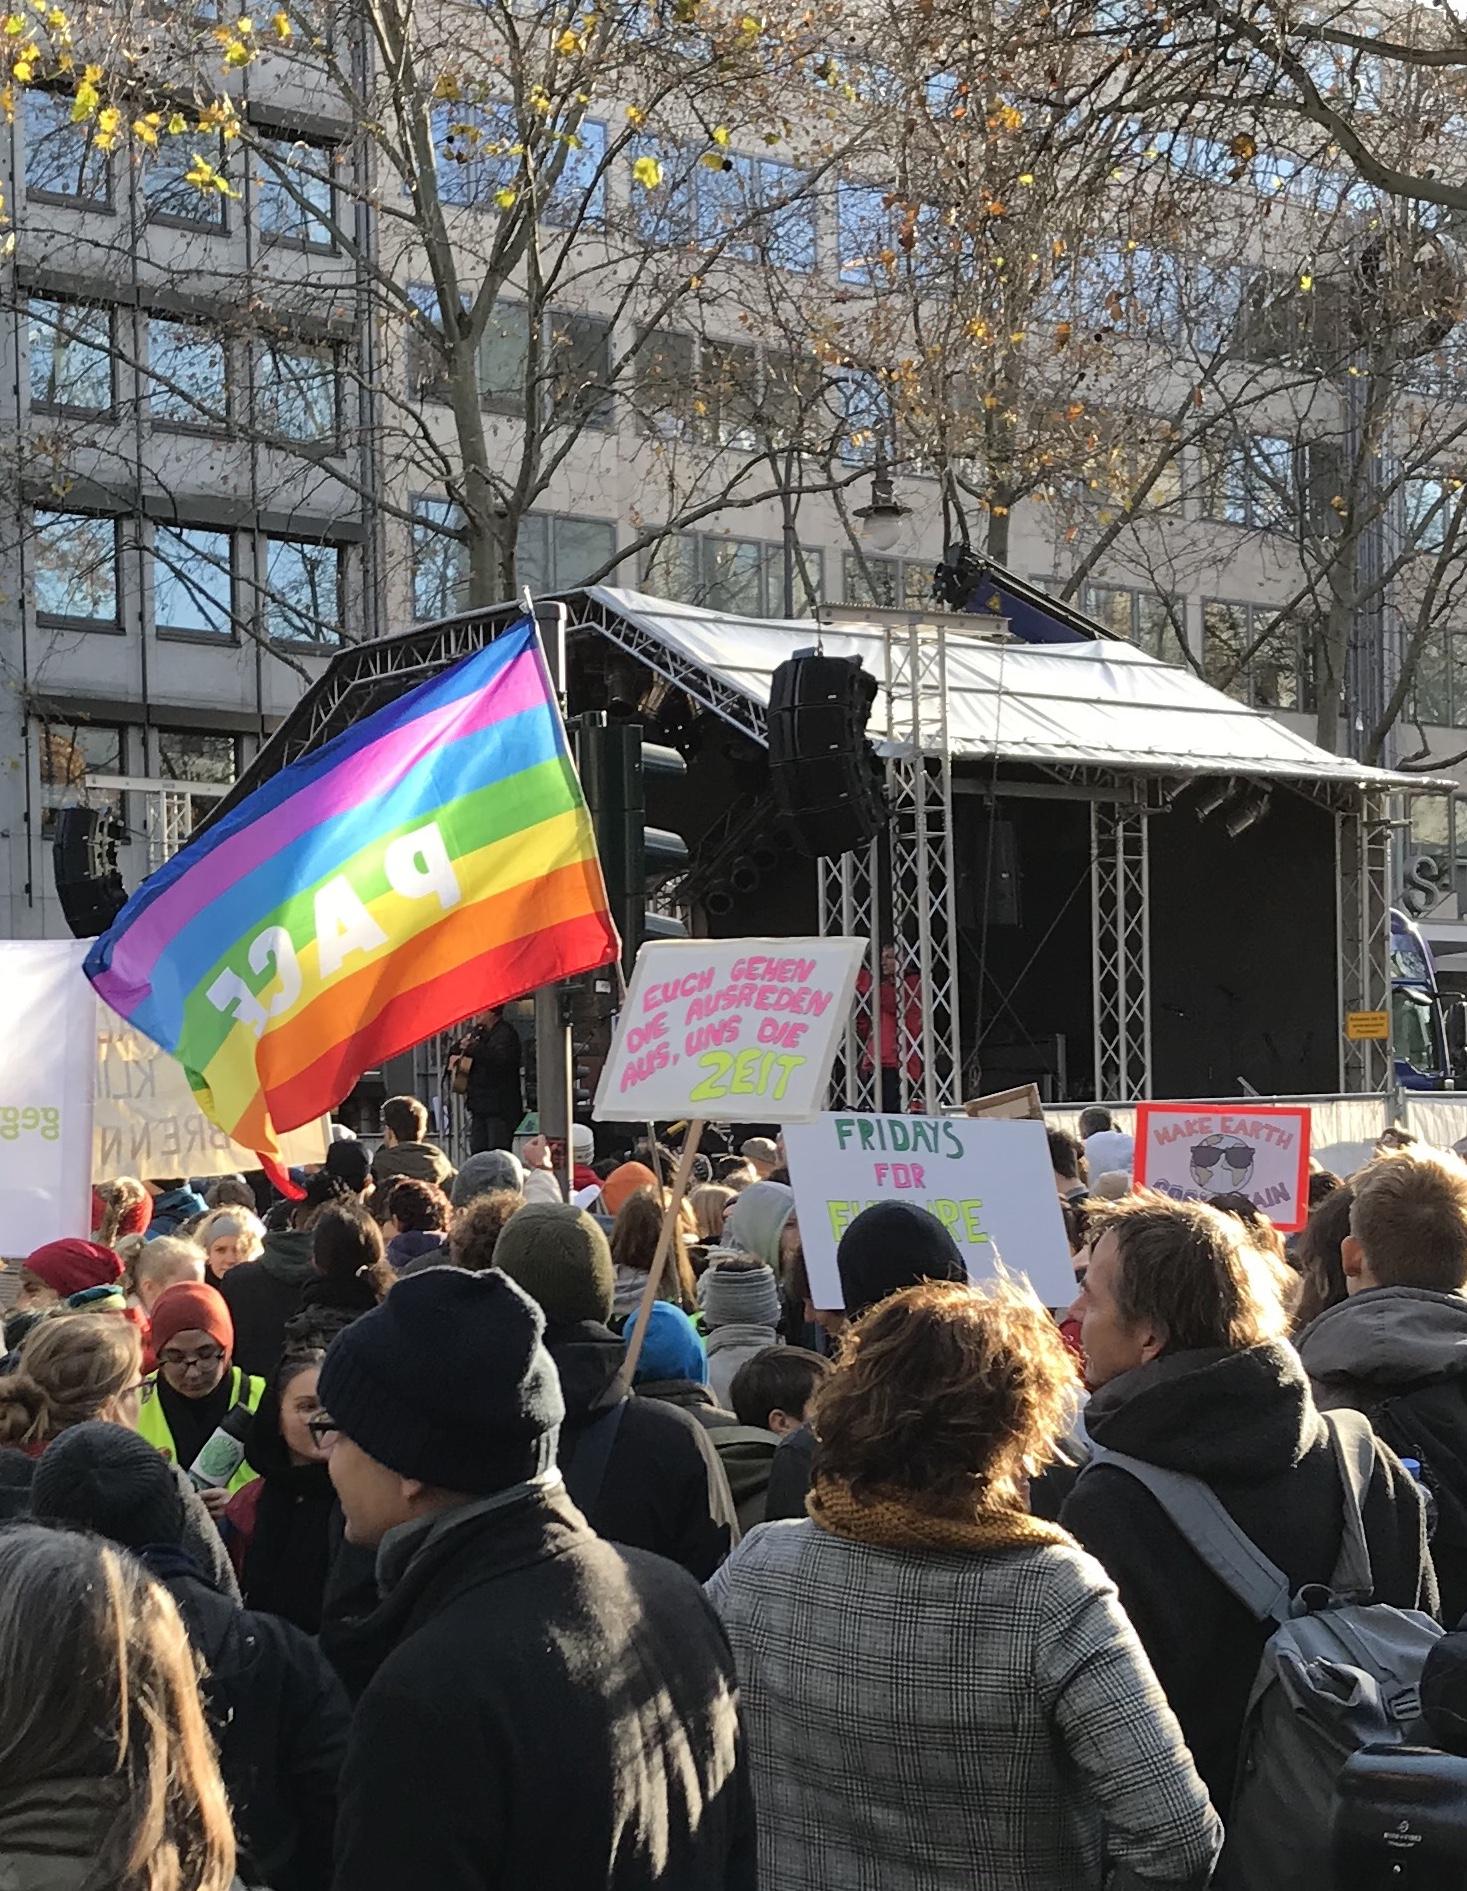 Ein Schild und eine Fahne mit Aufschriften verdecken den Blick auf die Bühne.